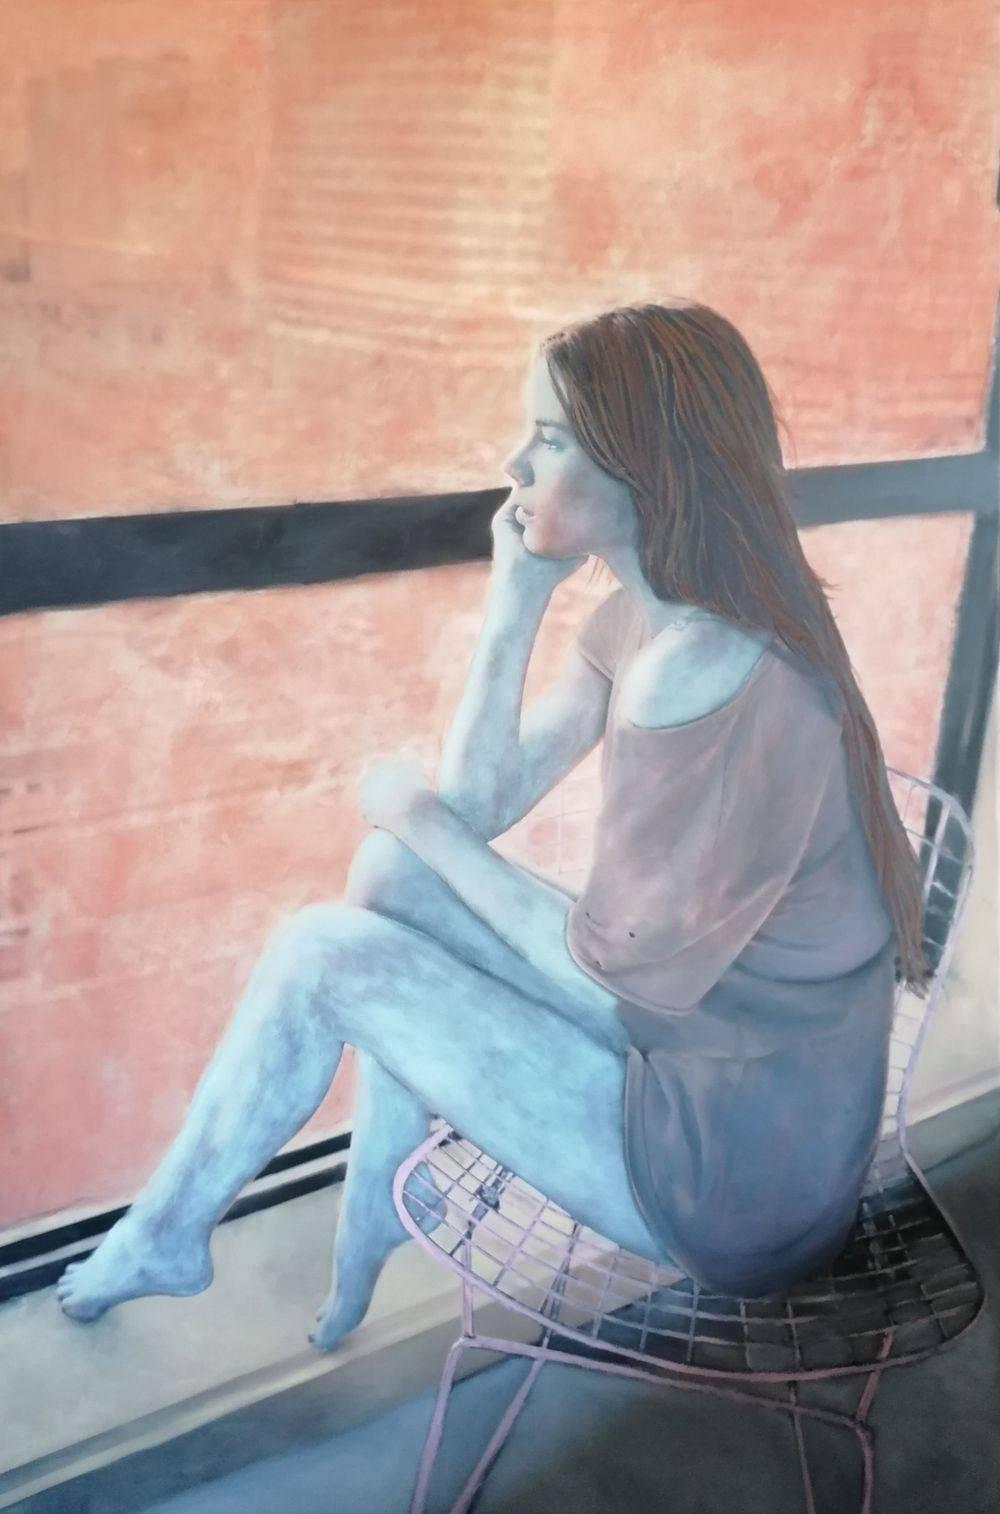 Aquarelle, Peinture à l'huile, Henri Matisse, Femme, Portrait, Histoire de l'art